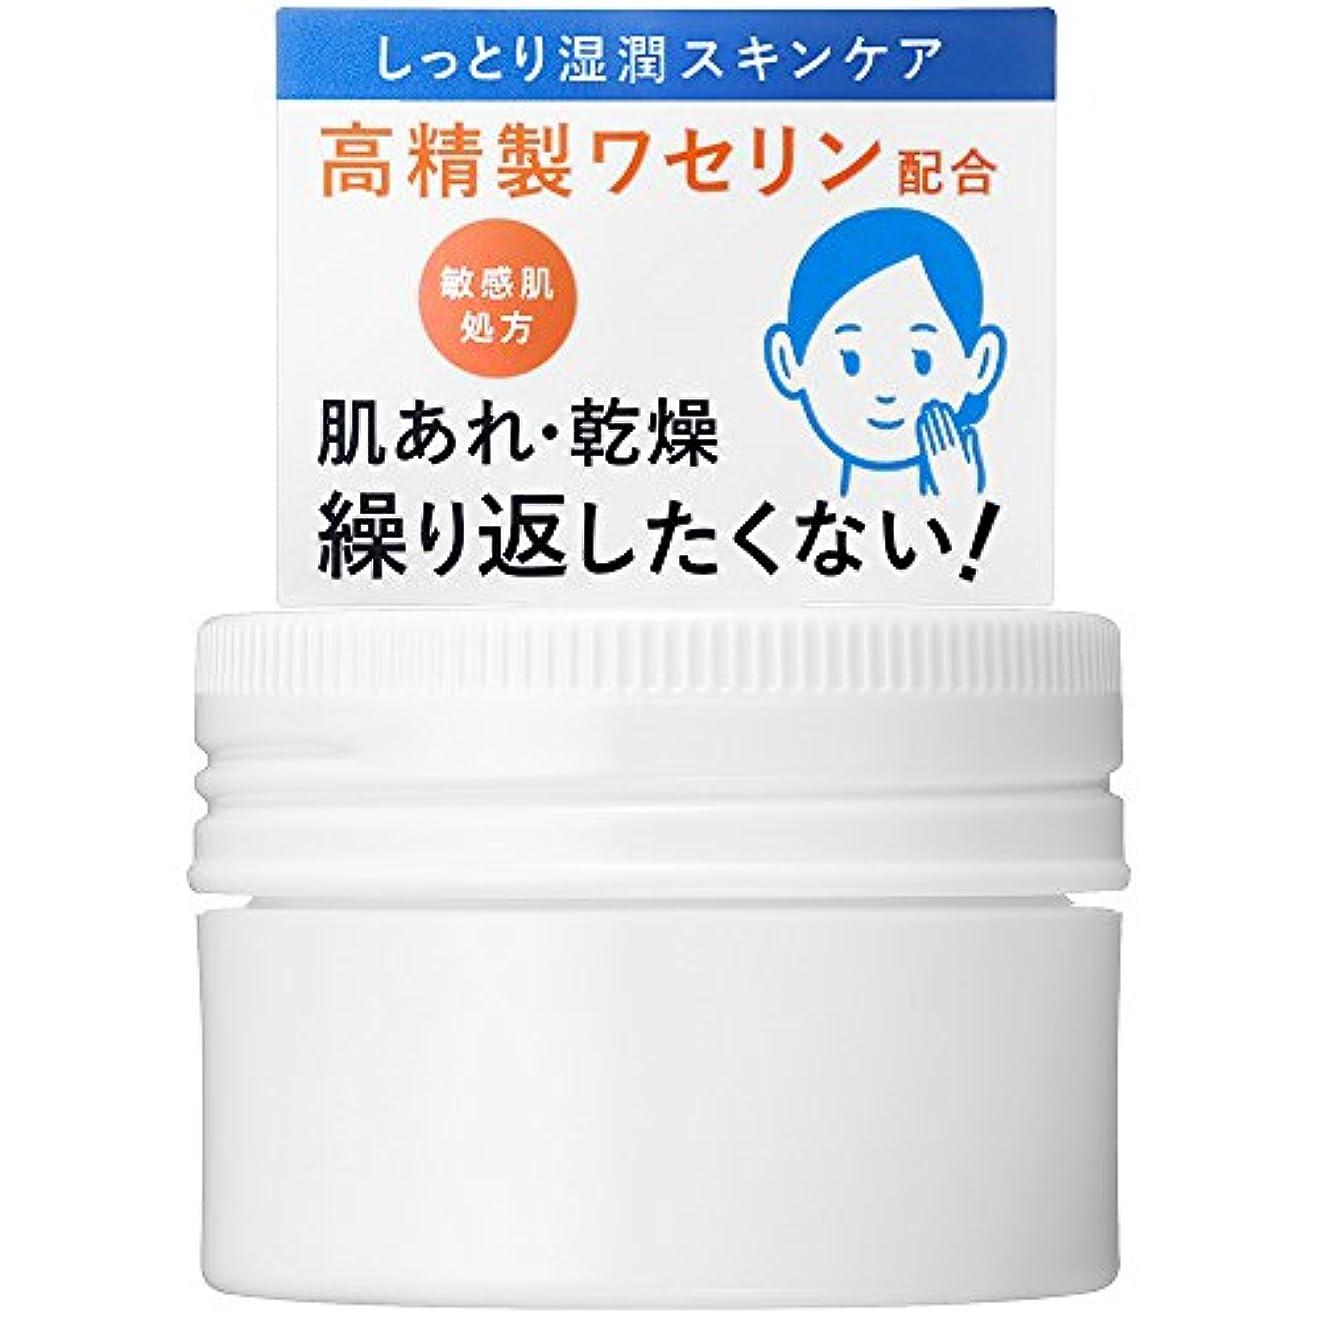 資本範囲病気イハダ 薬用とろけるべたつかないバーム 高精製ワセリン配合 20g(医薬部外品)